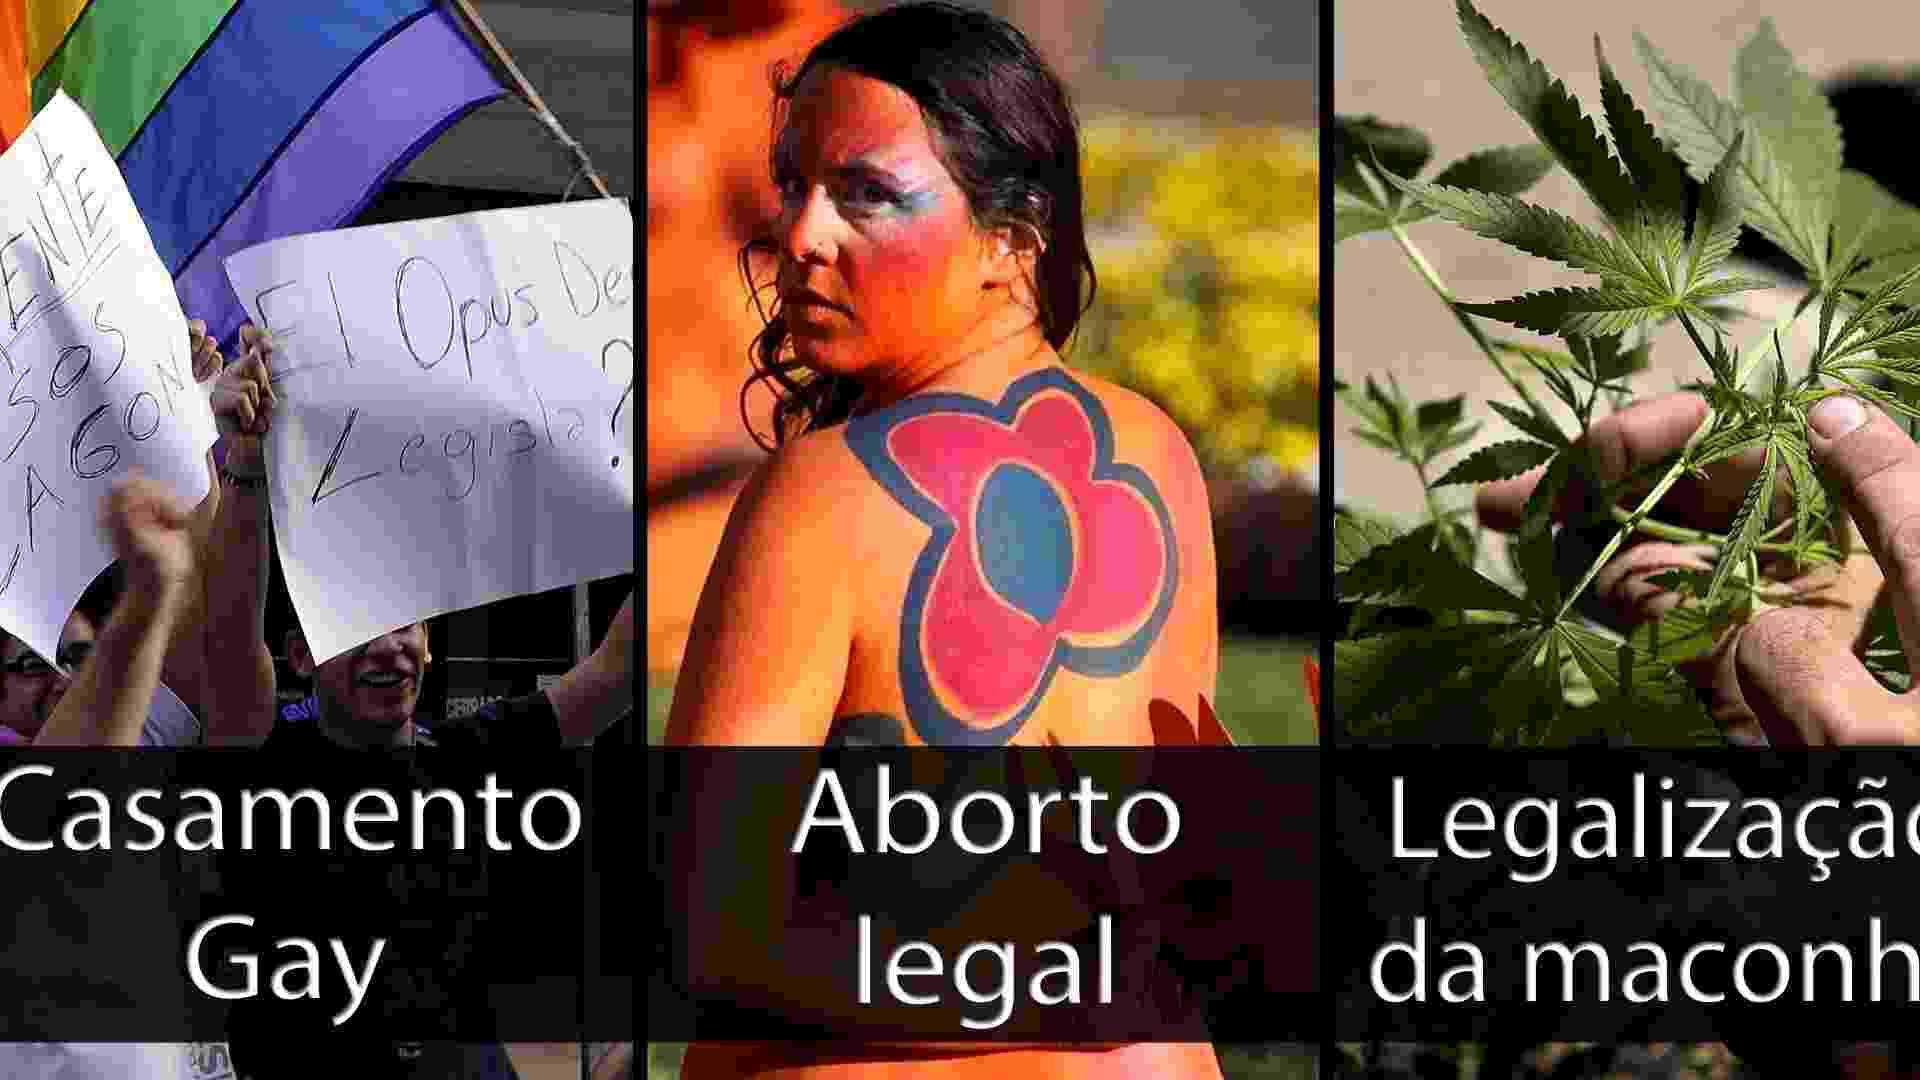 Capa do álbum de avanços uruguaios em temas polêmicos - Miguel Rojo/AFP, Matilde Campodonico/AP, Pablo Porciuncula/AFP/Arte UOL